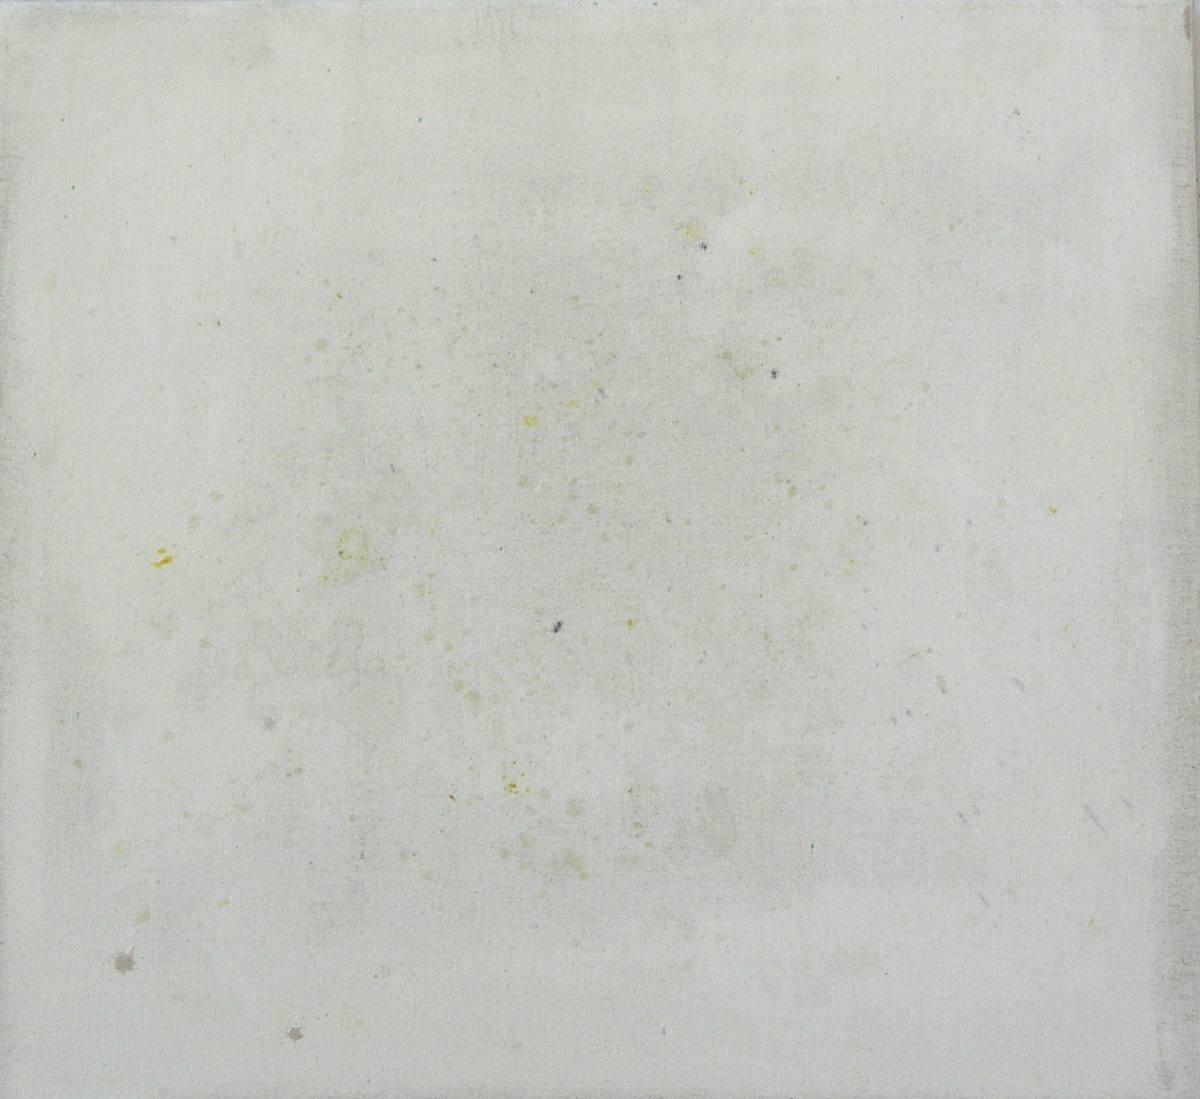 Pomeranče, přírodní pigmenty na plátně (vlastní konceptuální zadání)